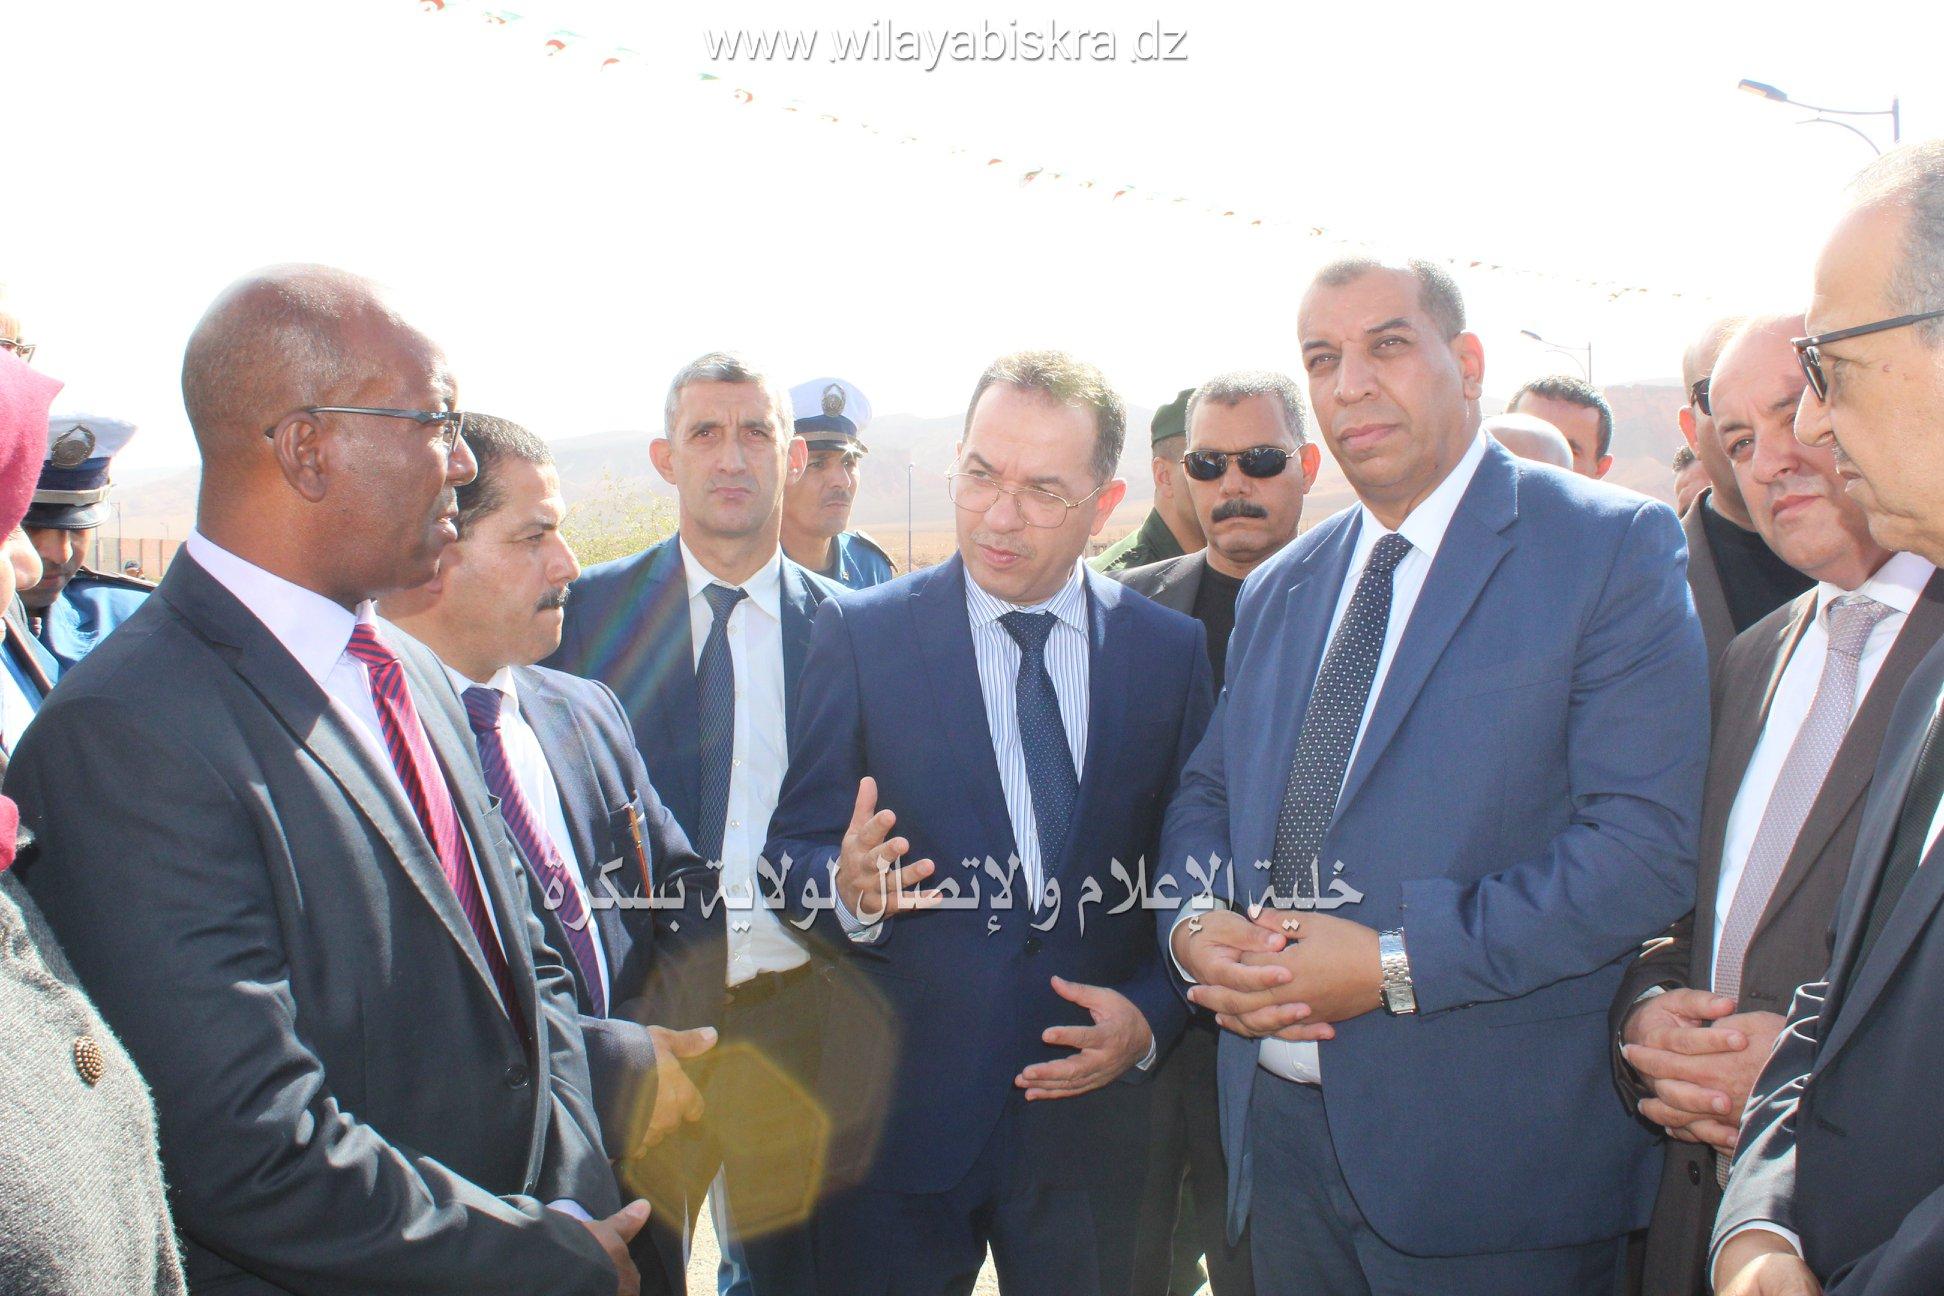 زيارة وزير العمل والتشغيل والضمان الاجتماعي.